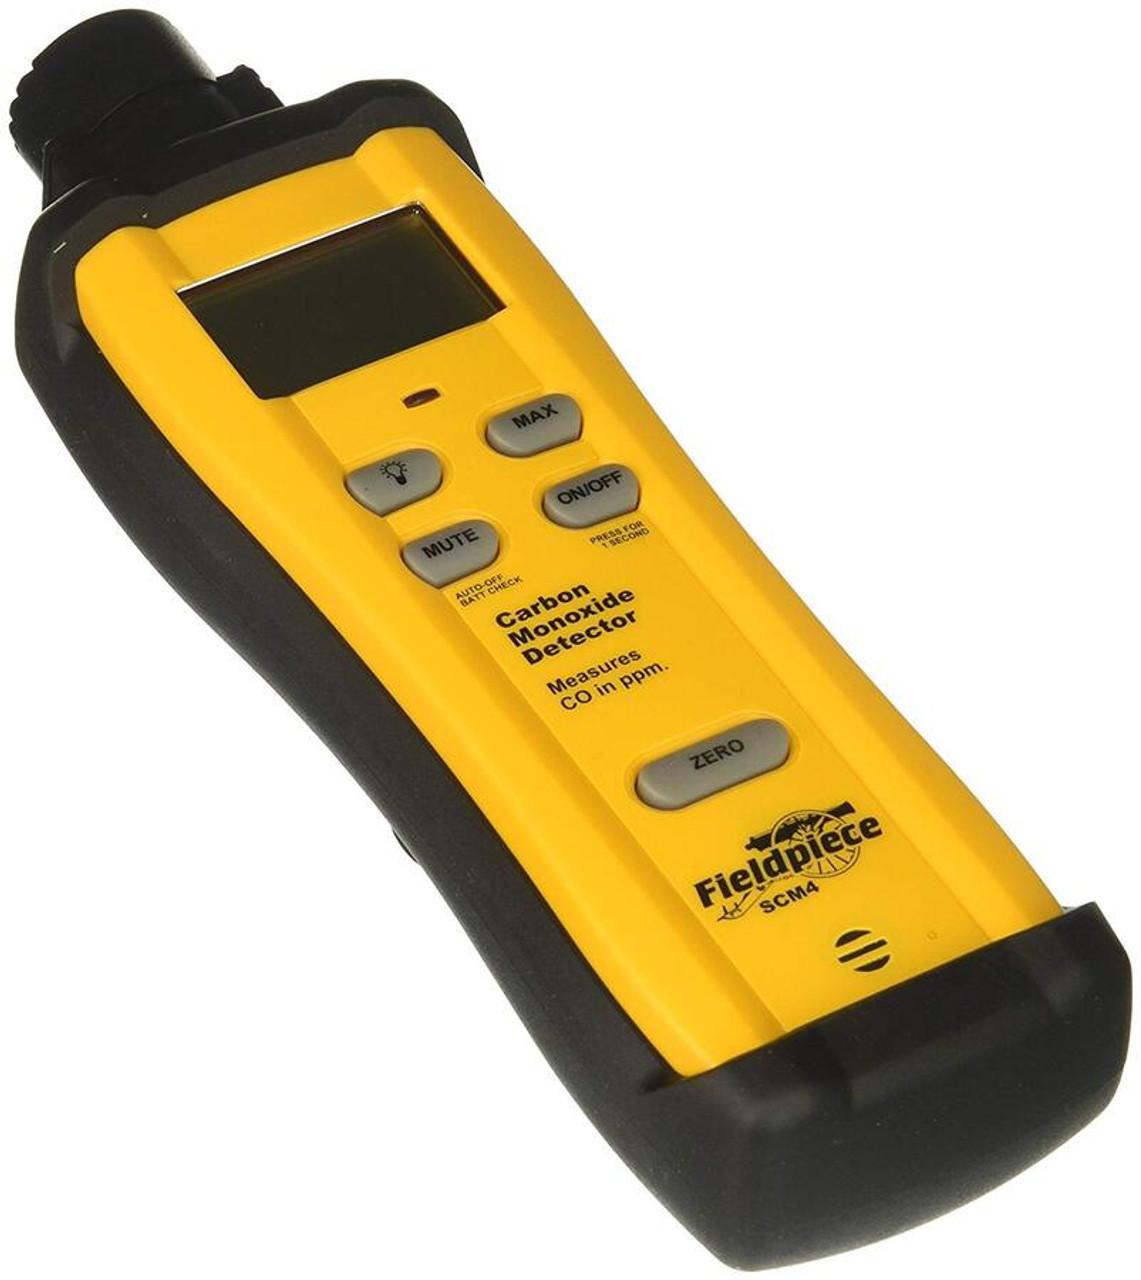 SCM4 Carbon Monoxide Detection (CO) Meter